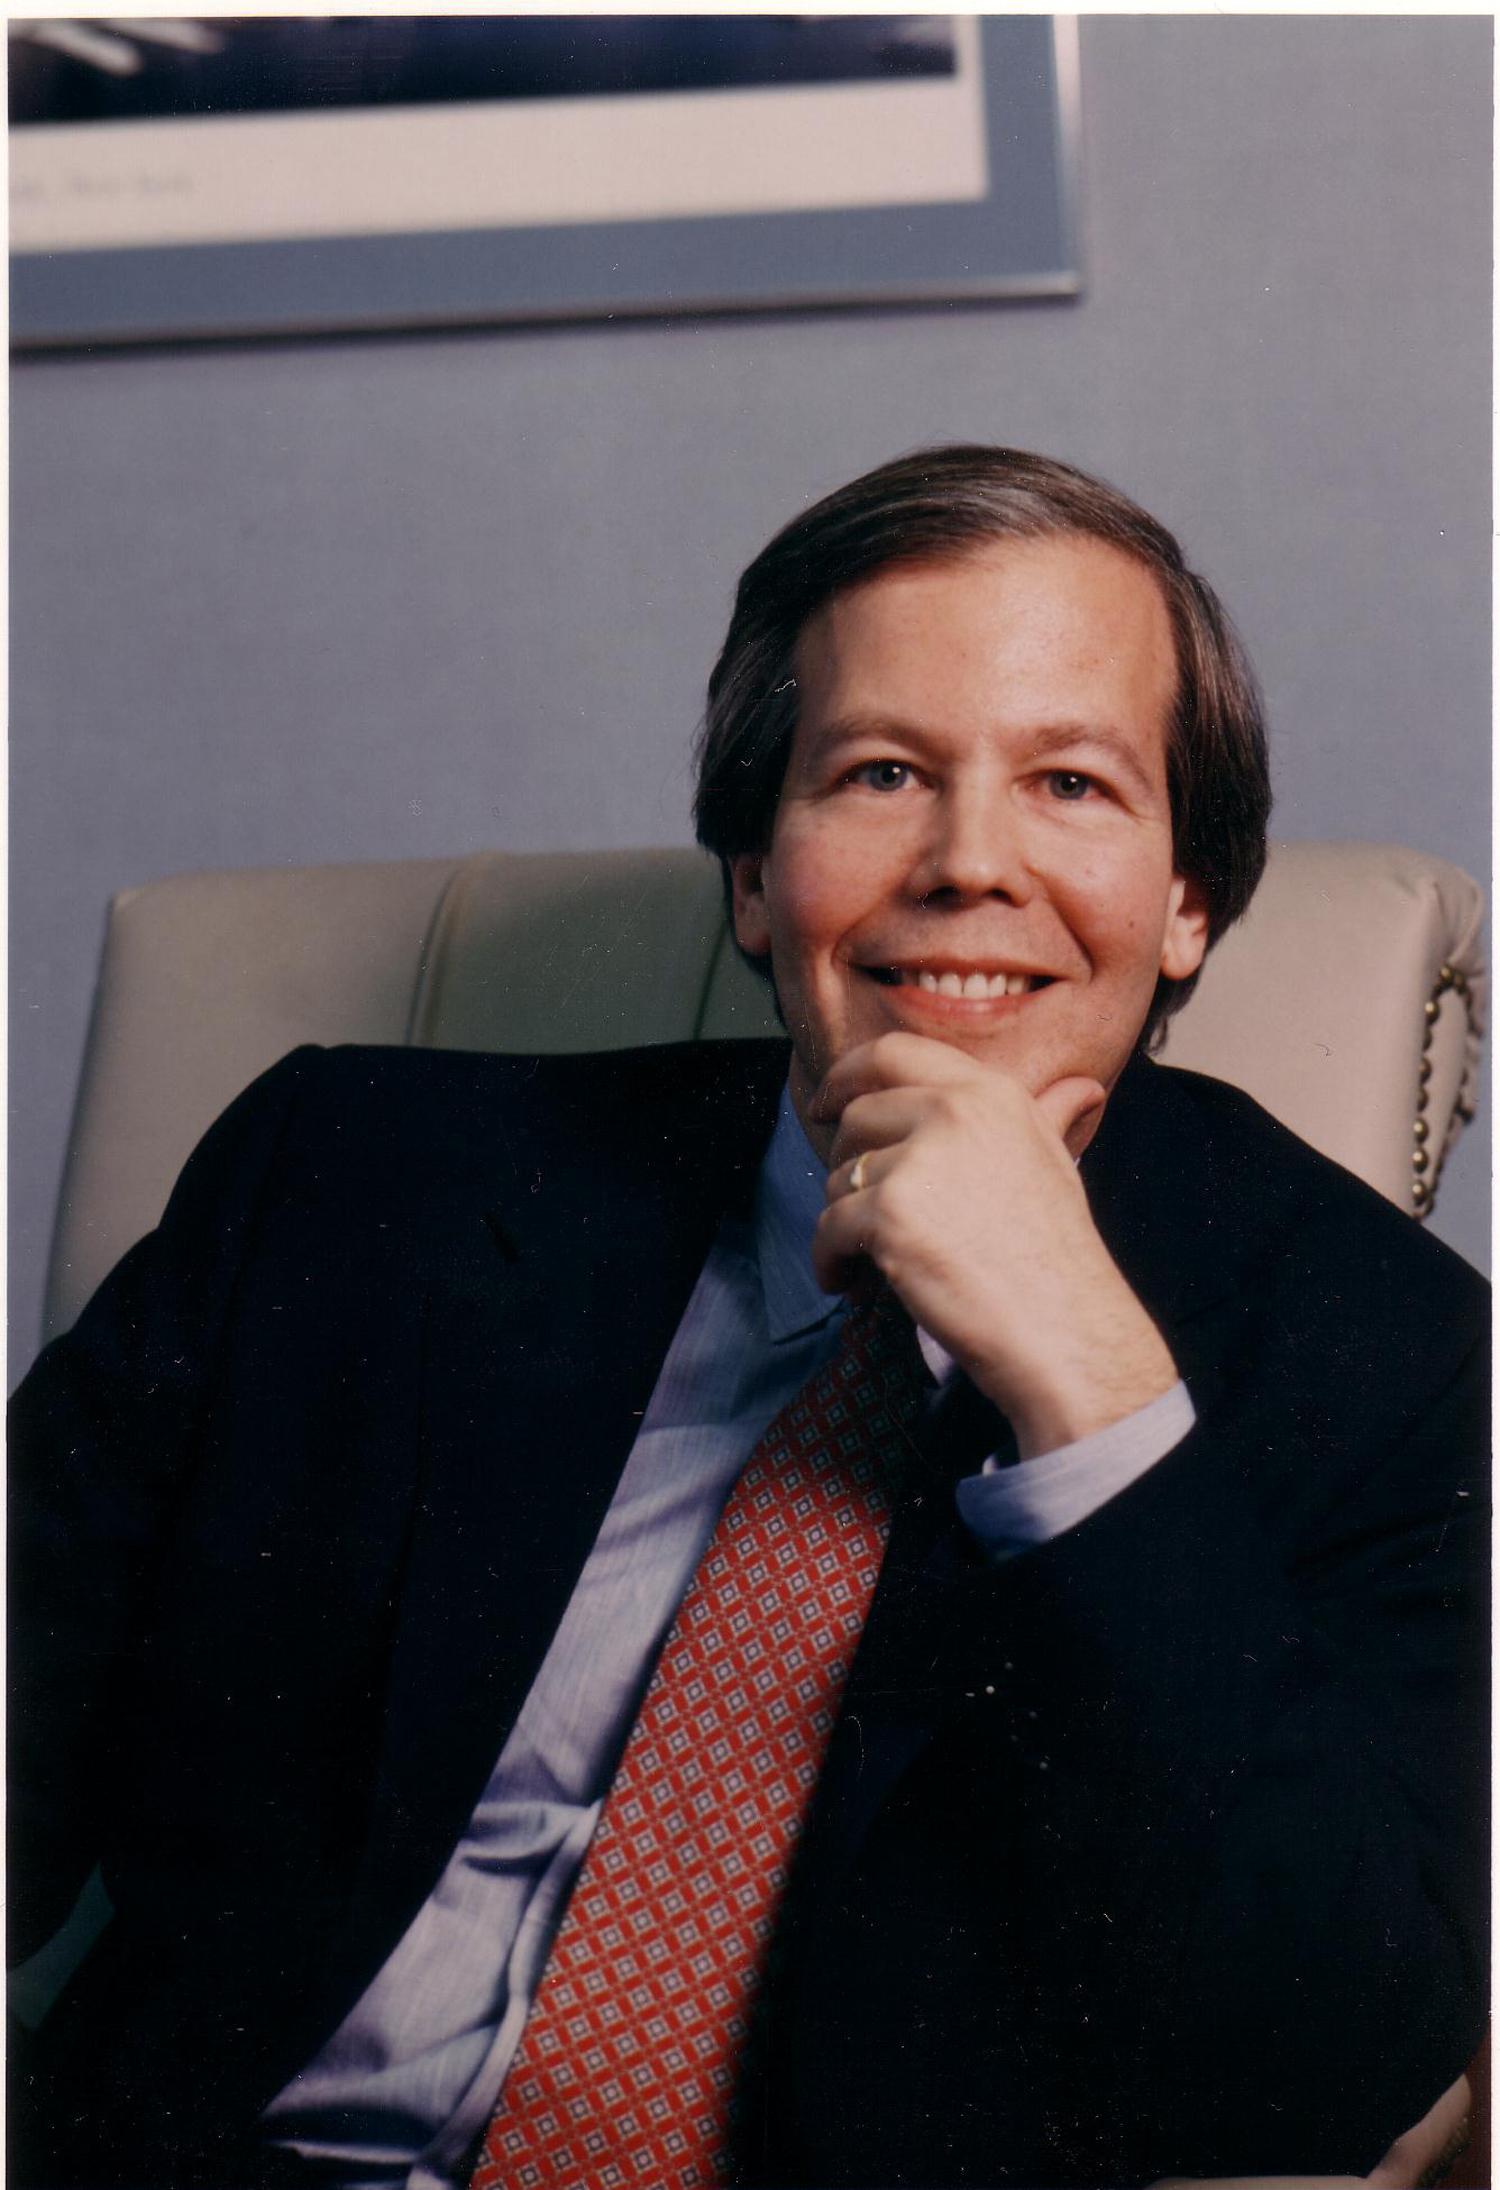 Bernie Schaeffer